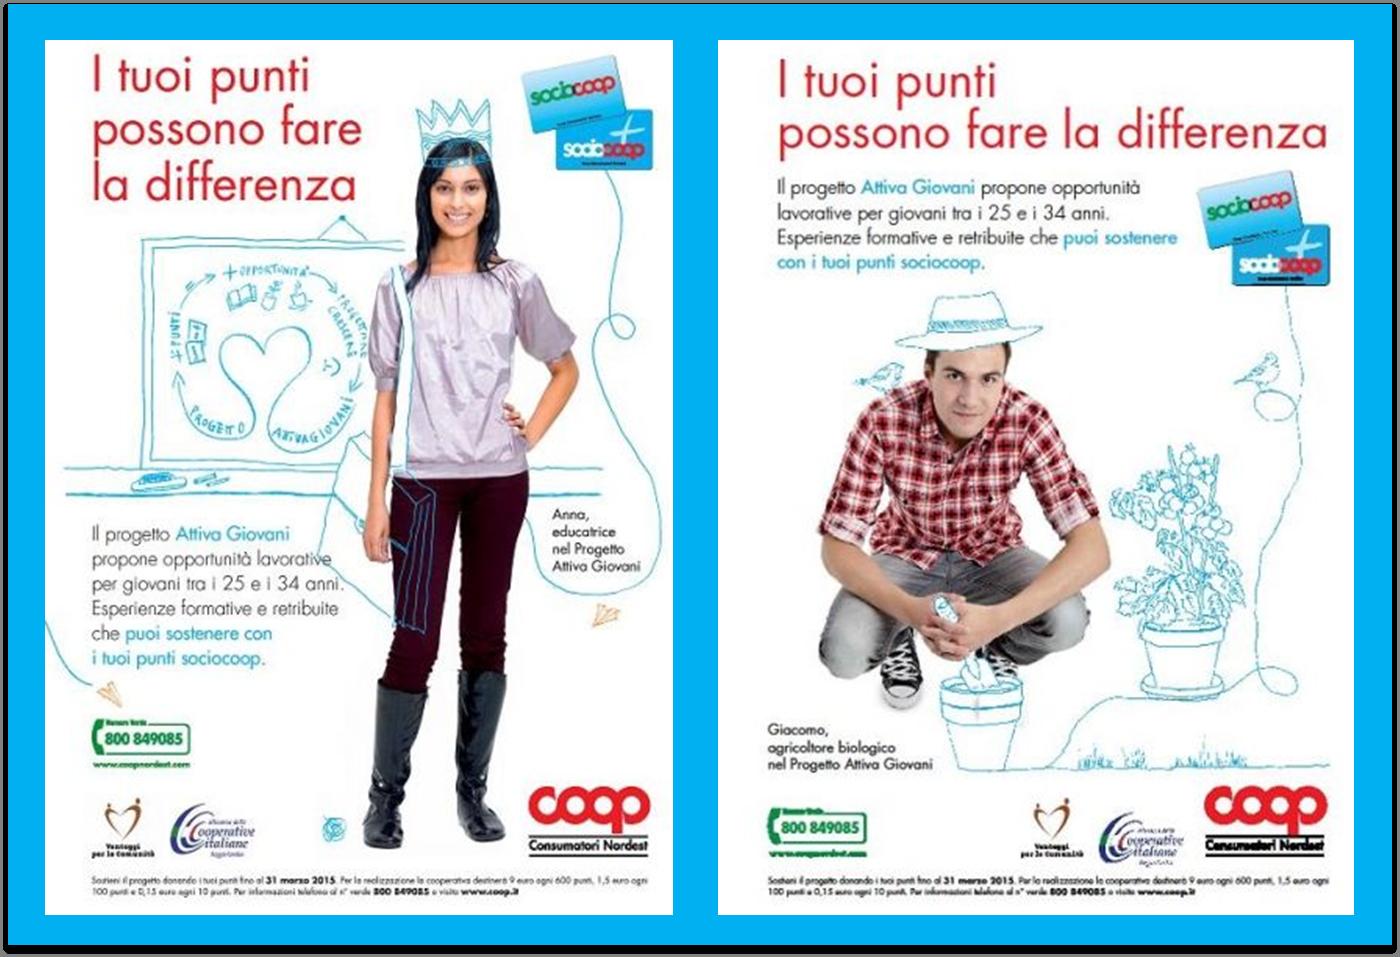 Tirocini Formativi a Reggio Emilia con il Progetto Attiva Giovani